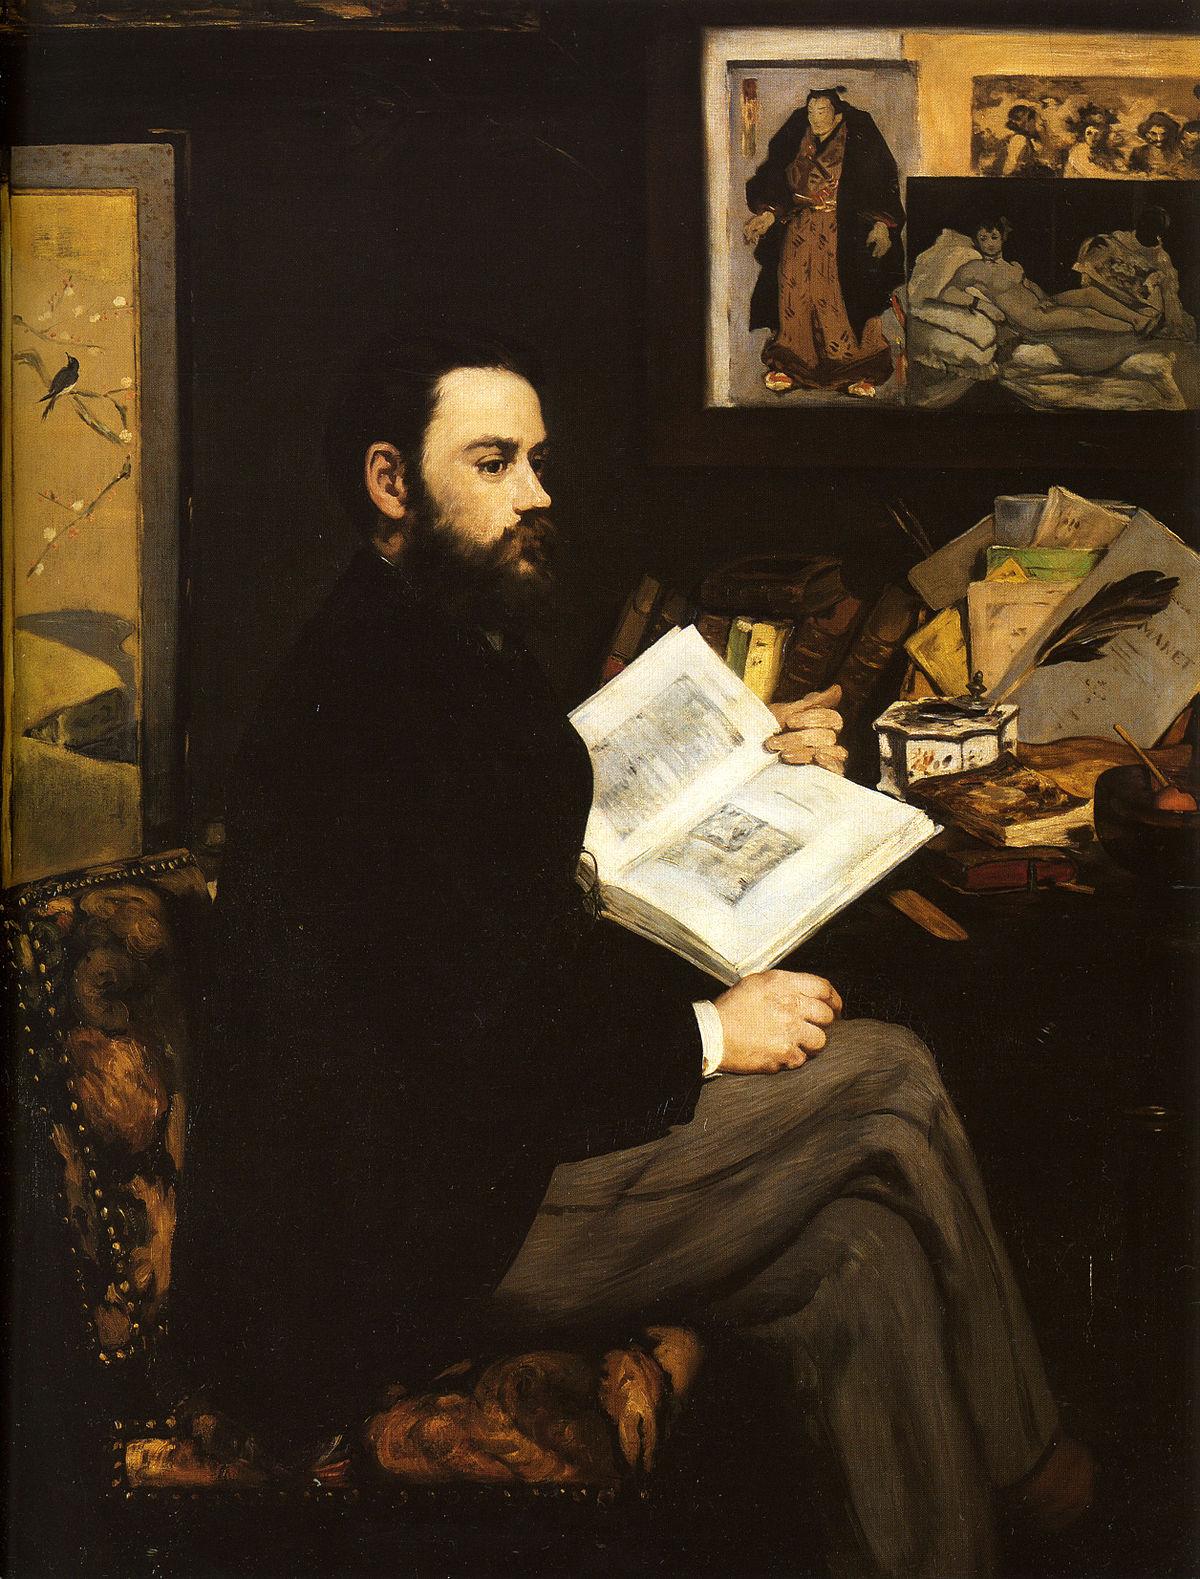 """Résultat de recherche d'images pour """"Emile Zola portrait"""""""